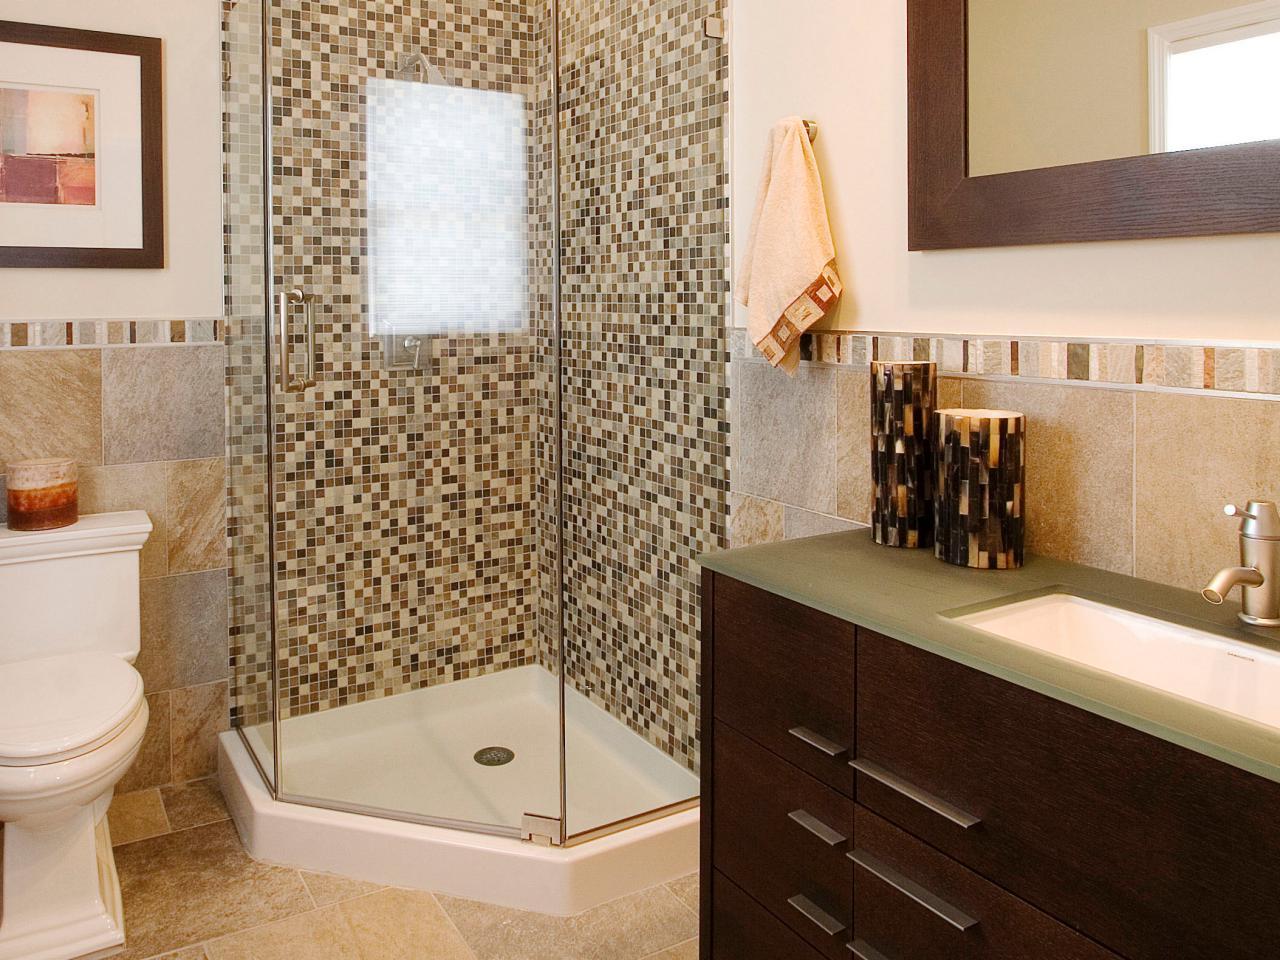 SP0022_RX-small-shower-bath_s3x4.jpg.rend.hgtvcom.1280.960.jpeg